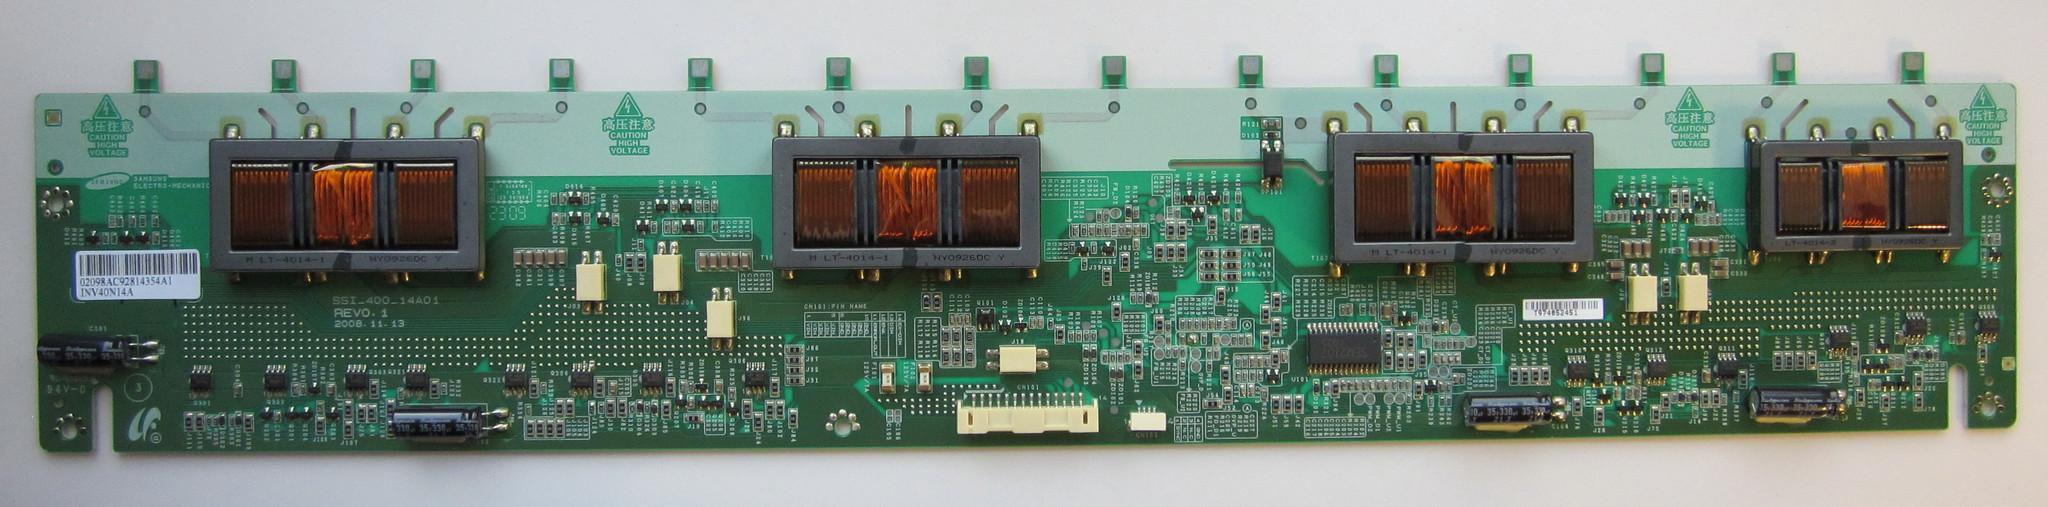 SSI_400_14A01 REV0.1